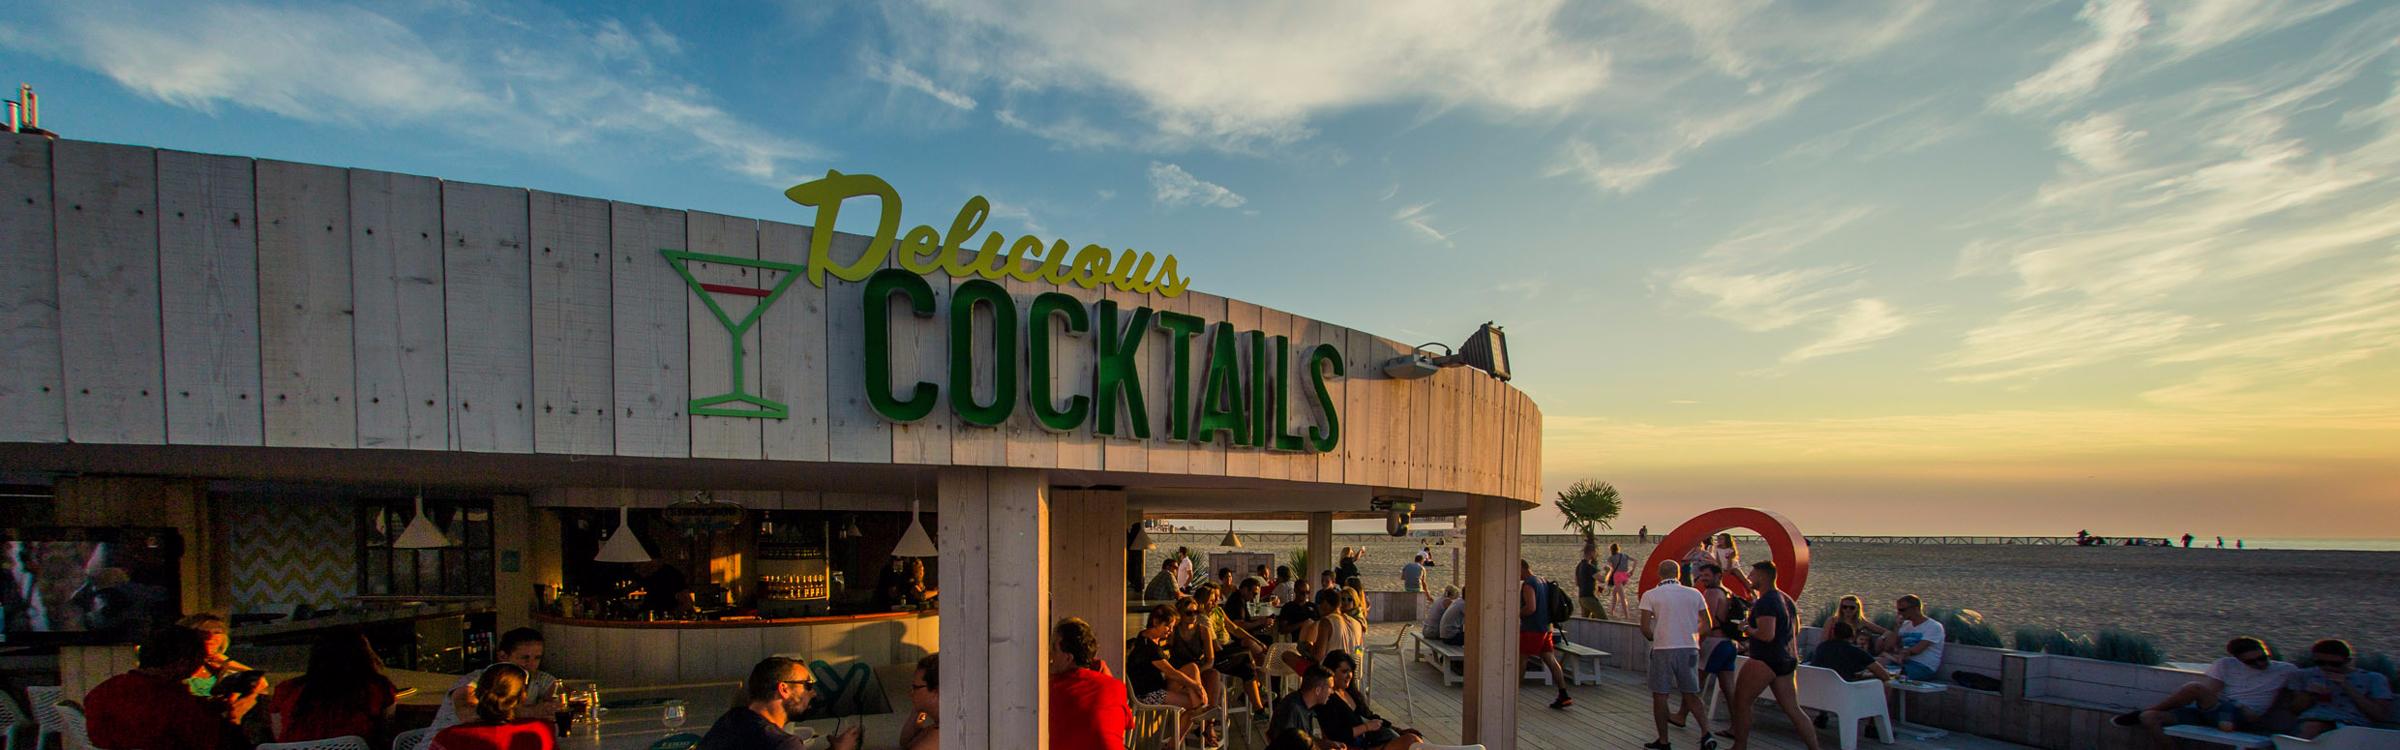 Cocktails header